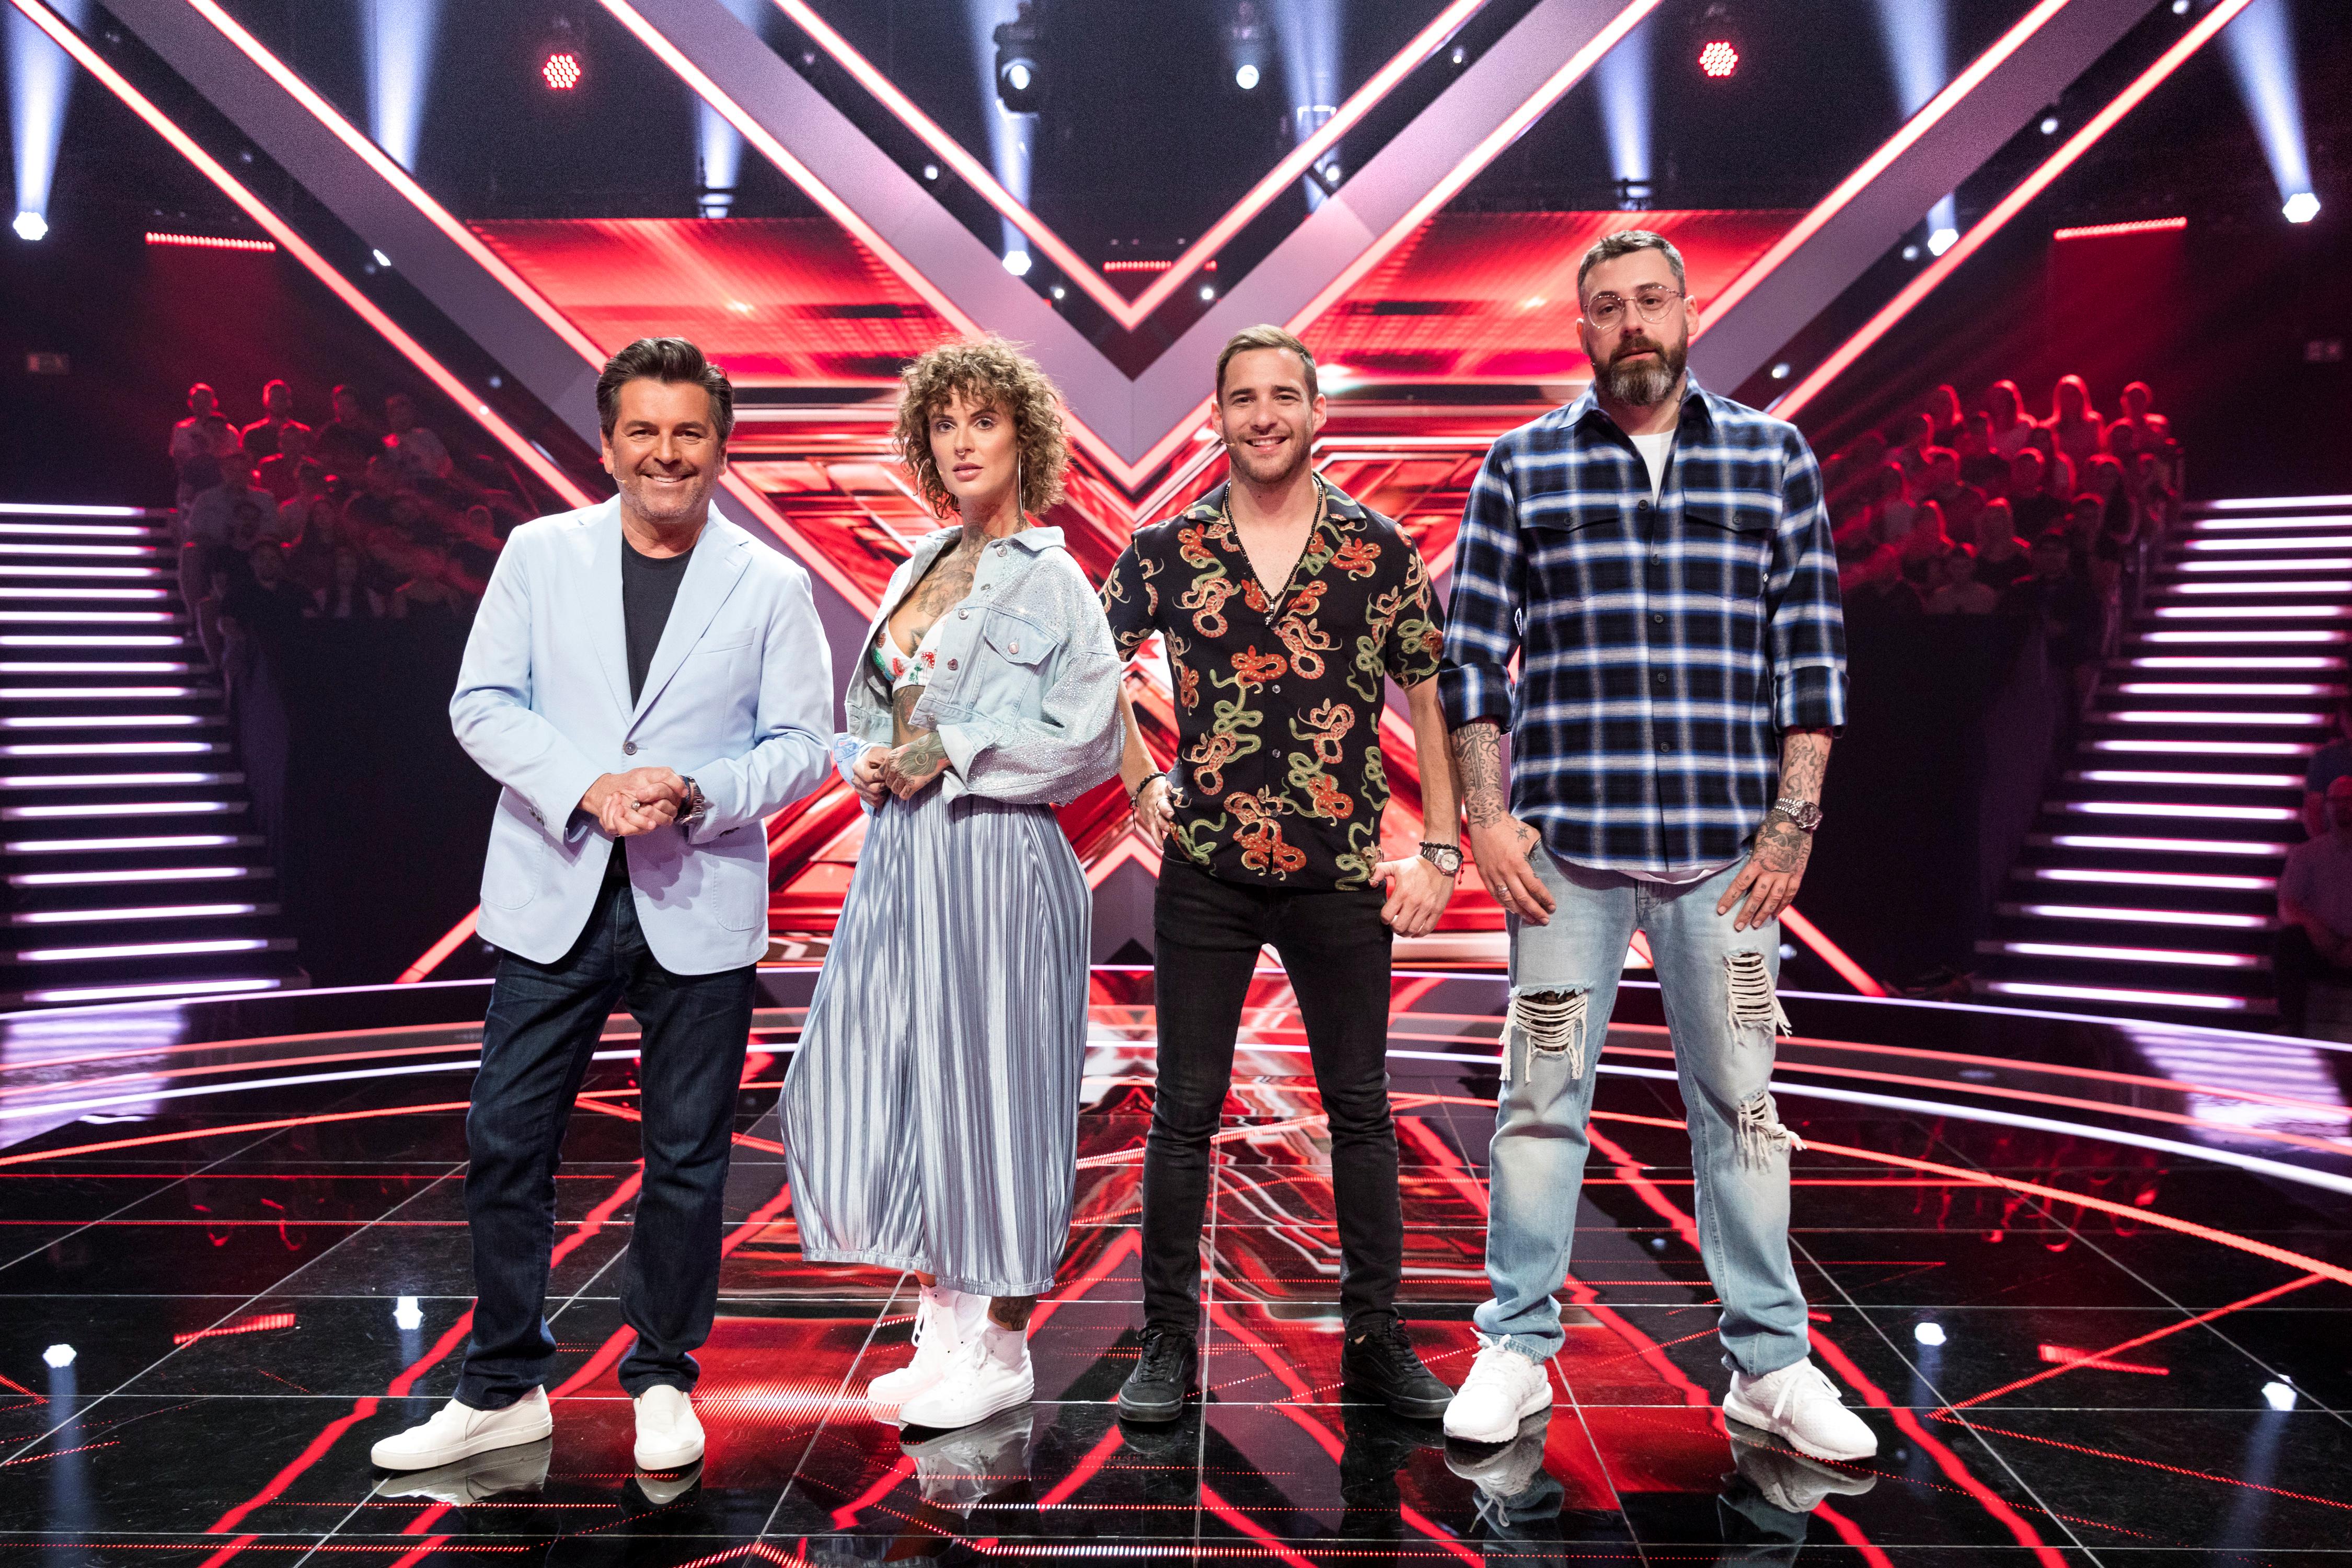 Weltweites Erfolgsformat X Factor Morgen Fallt Der Startschuss Fur Die Presseportal